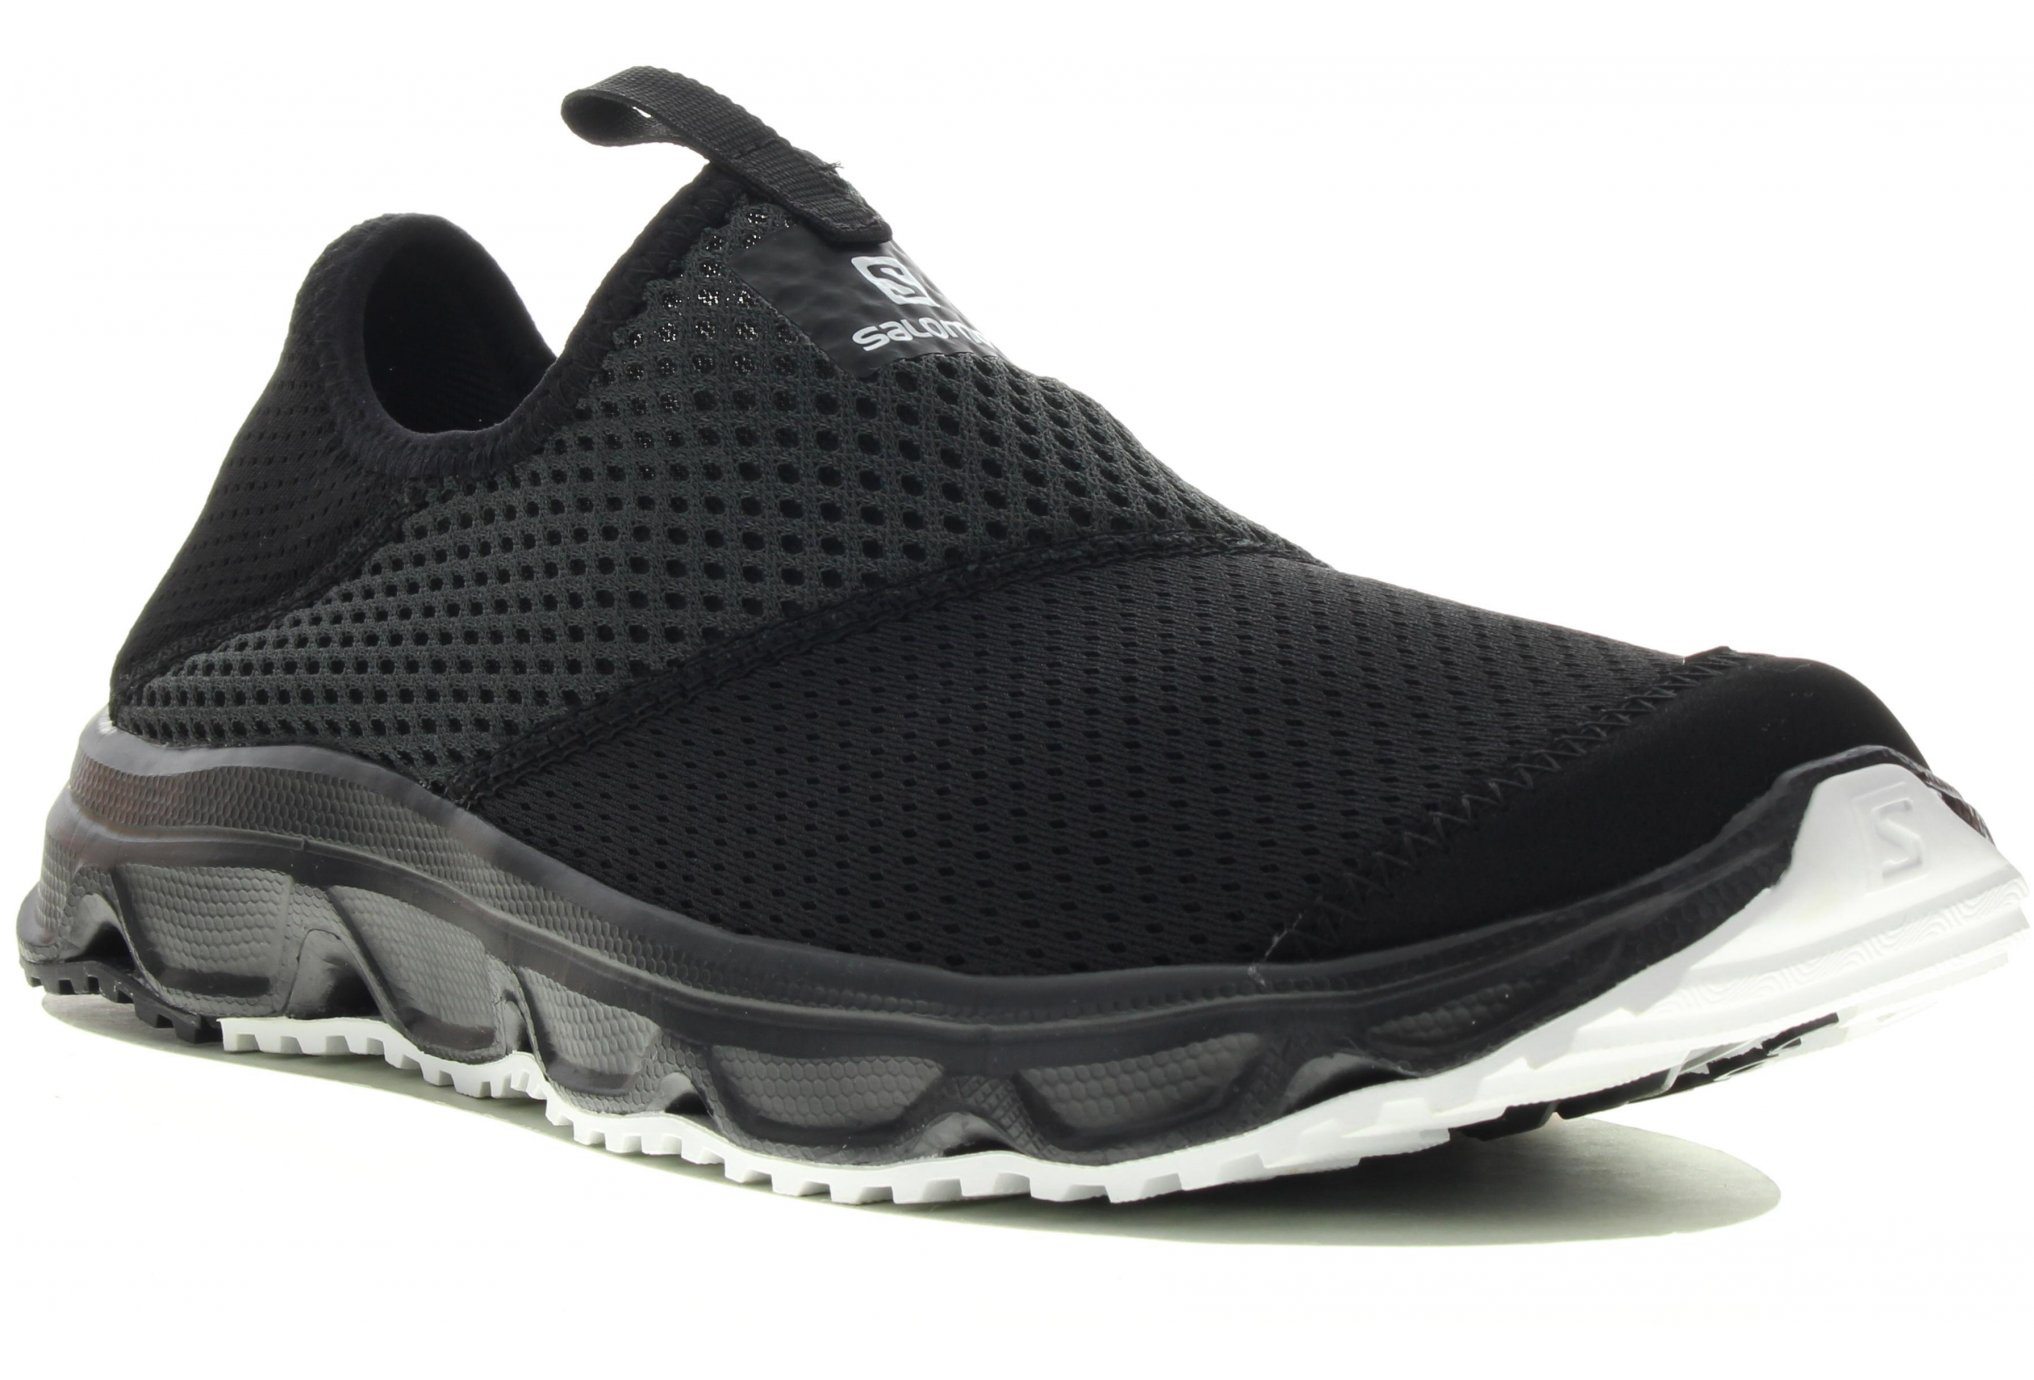 Salomon RX Moc 4.0 M Chaussures homme